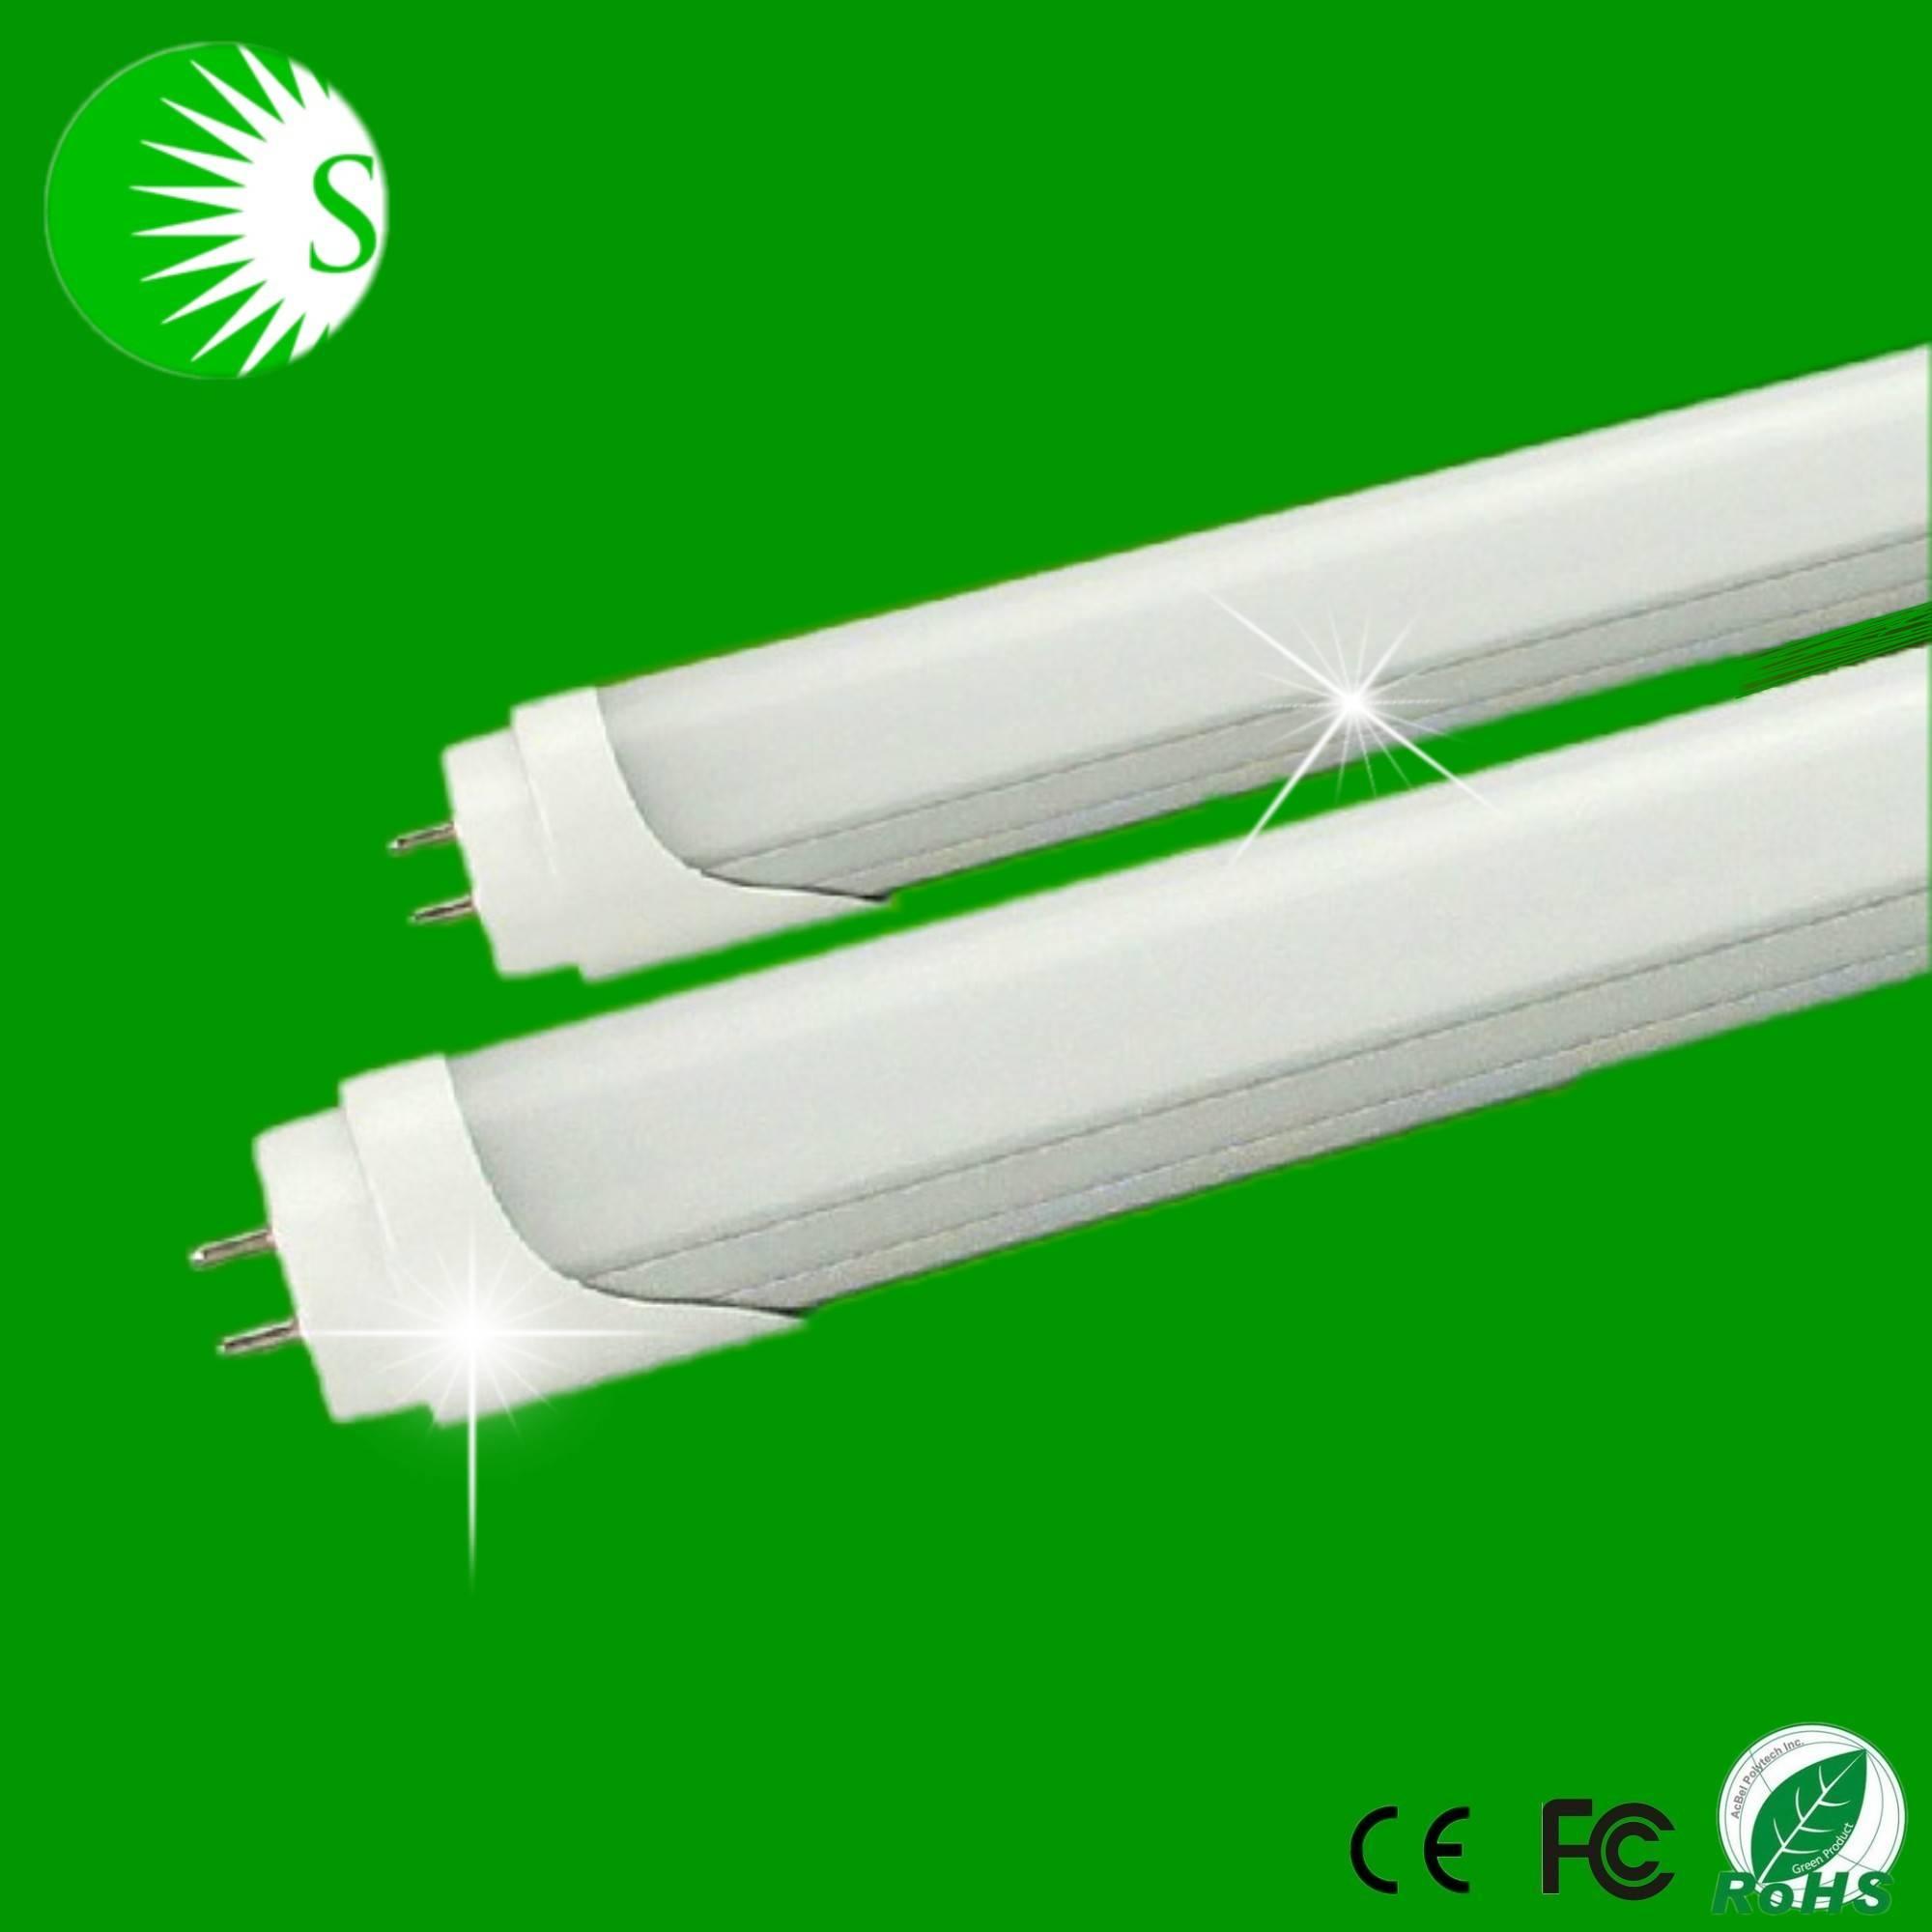 0.6m 0.9m 1.2m 1.5m tube light wide voltage AC85-265V CRI80 Epister led SMD2835 led tube 8 feet